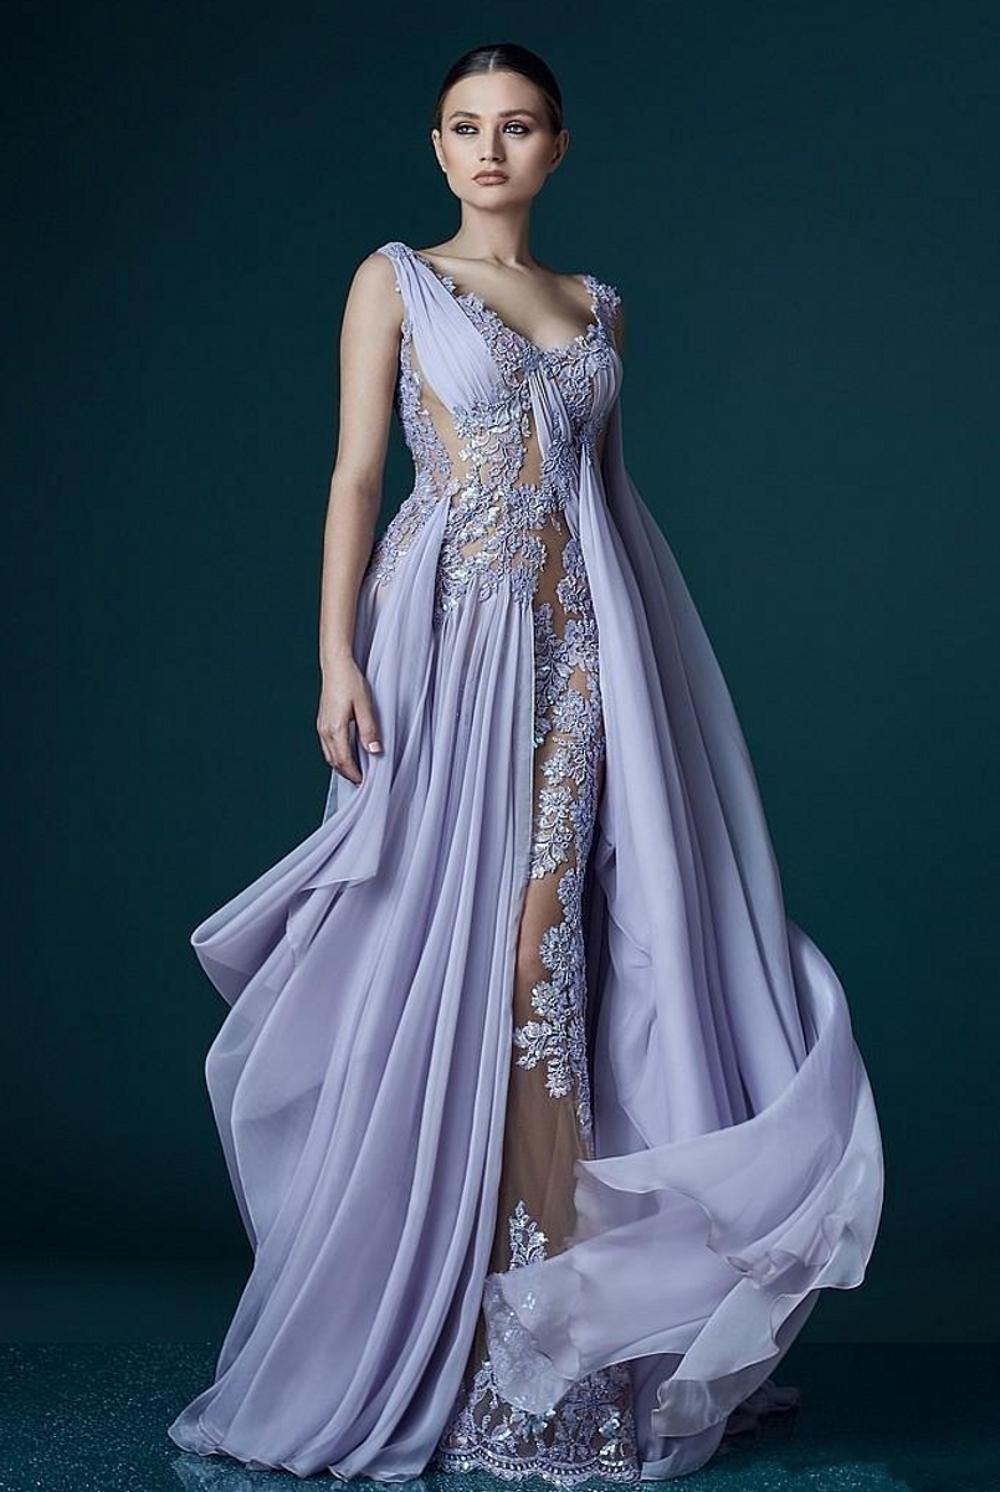 V-cuello de lavanda vestidos de noche con una envoltura Apliques Sheer sin espalda vestido de la celebridad vestidos de noche largos de la gasa Impresionante vestido de fiesta